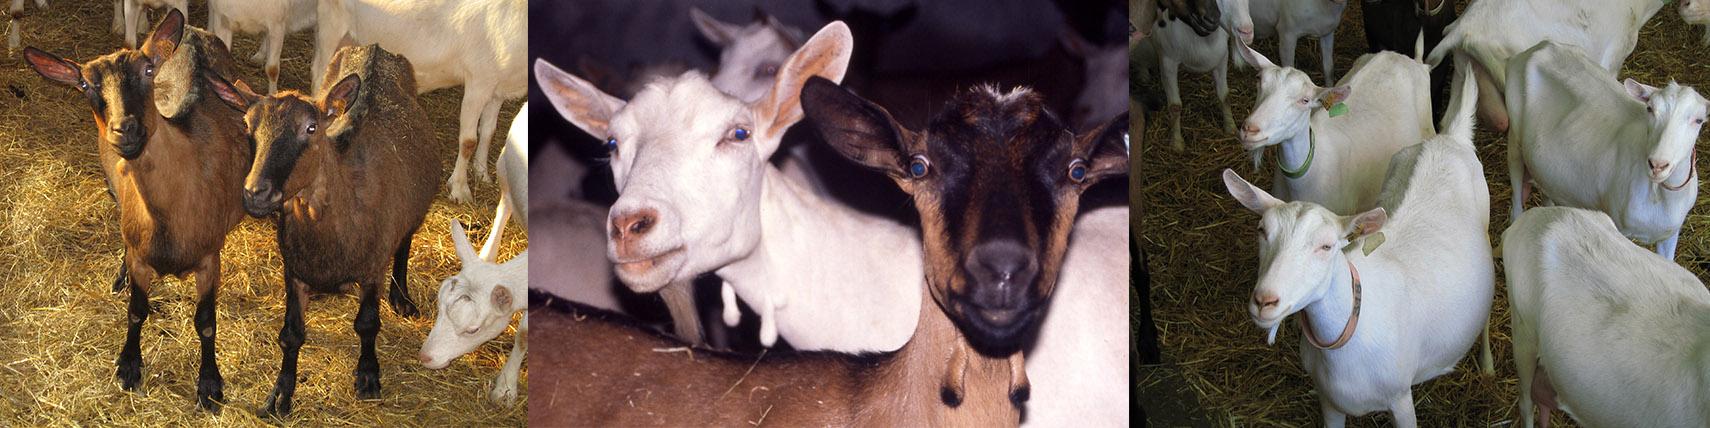 Chèvres blanches et marrons